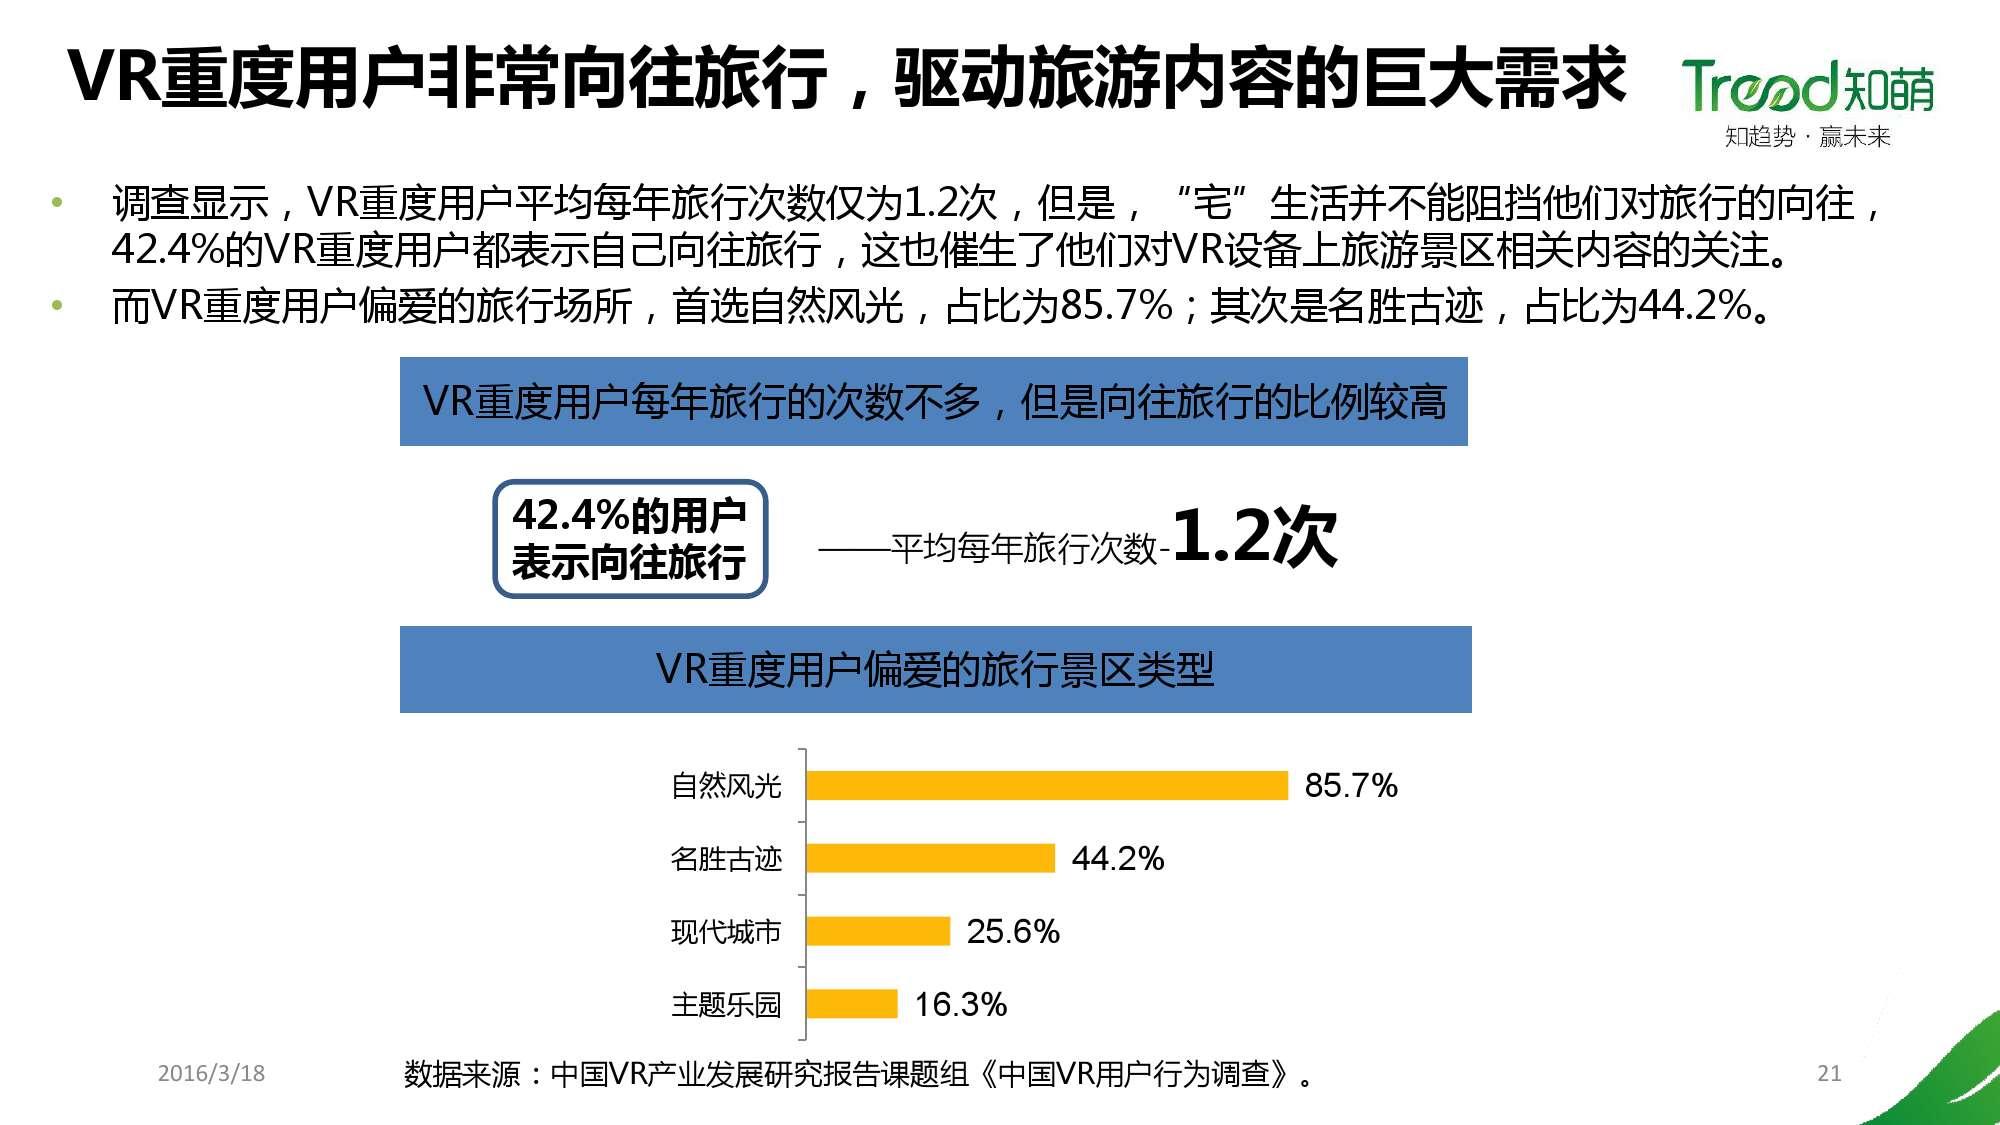 中国VR用户行为研究报告_000021